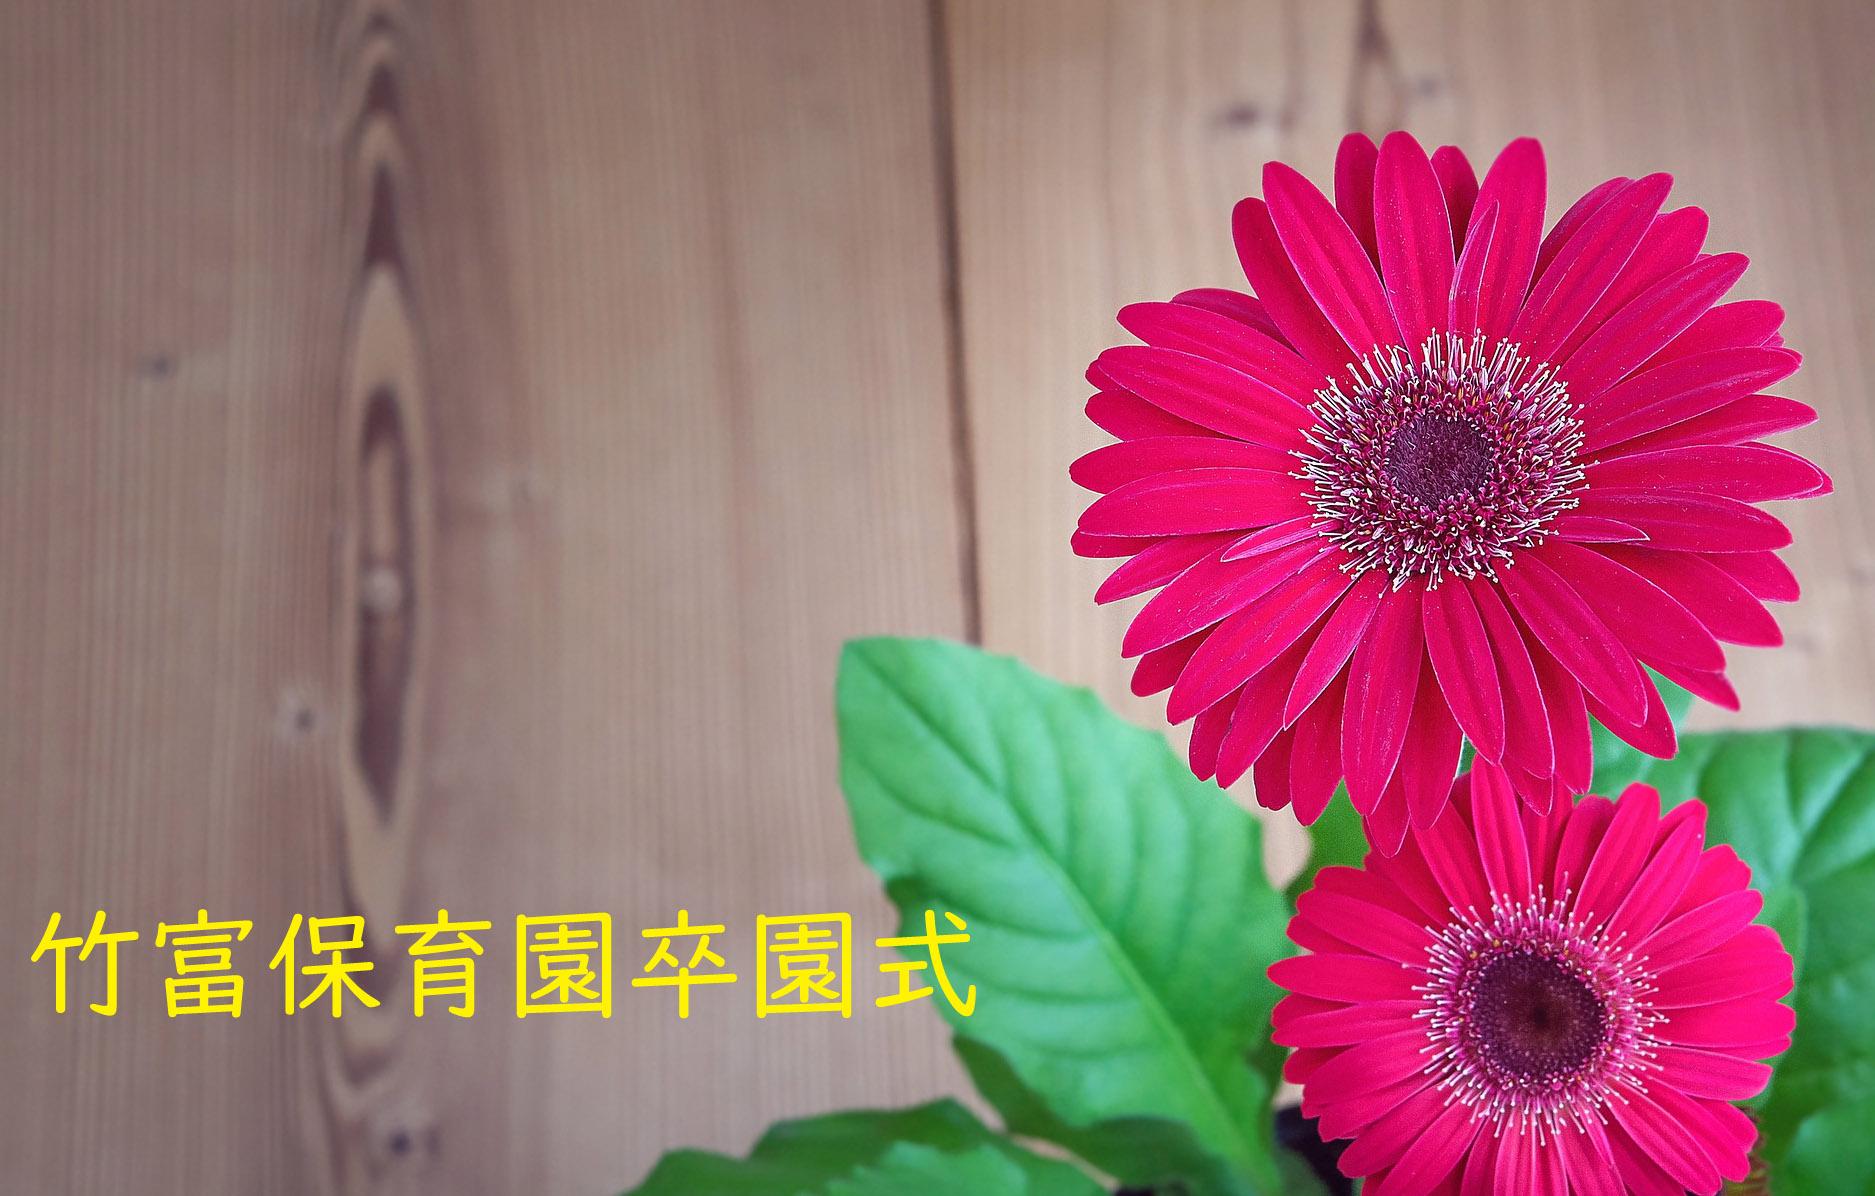 竹富保育園卒園式